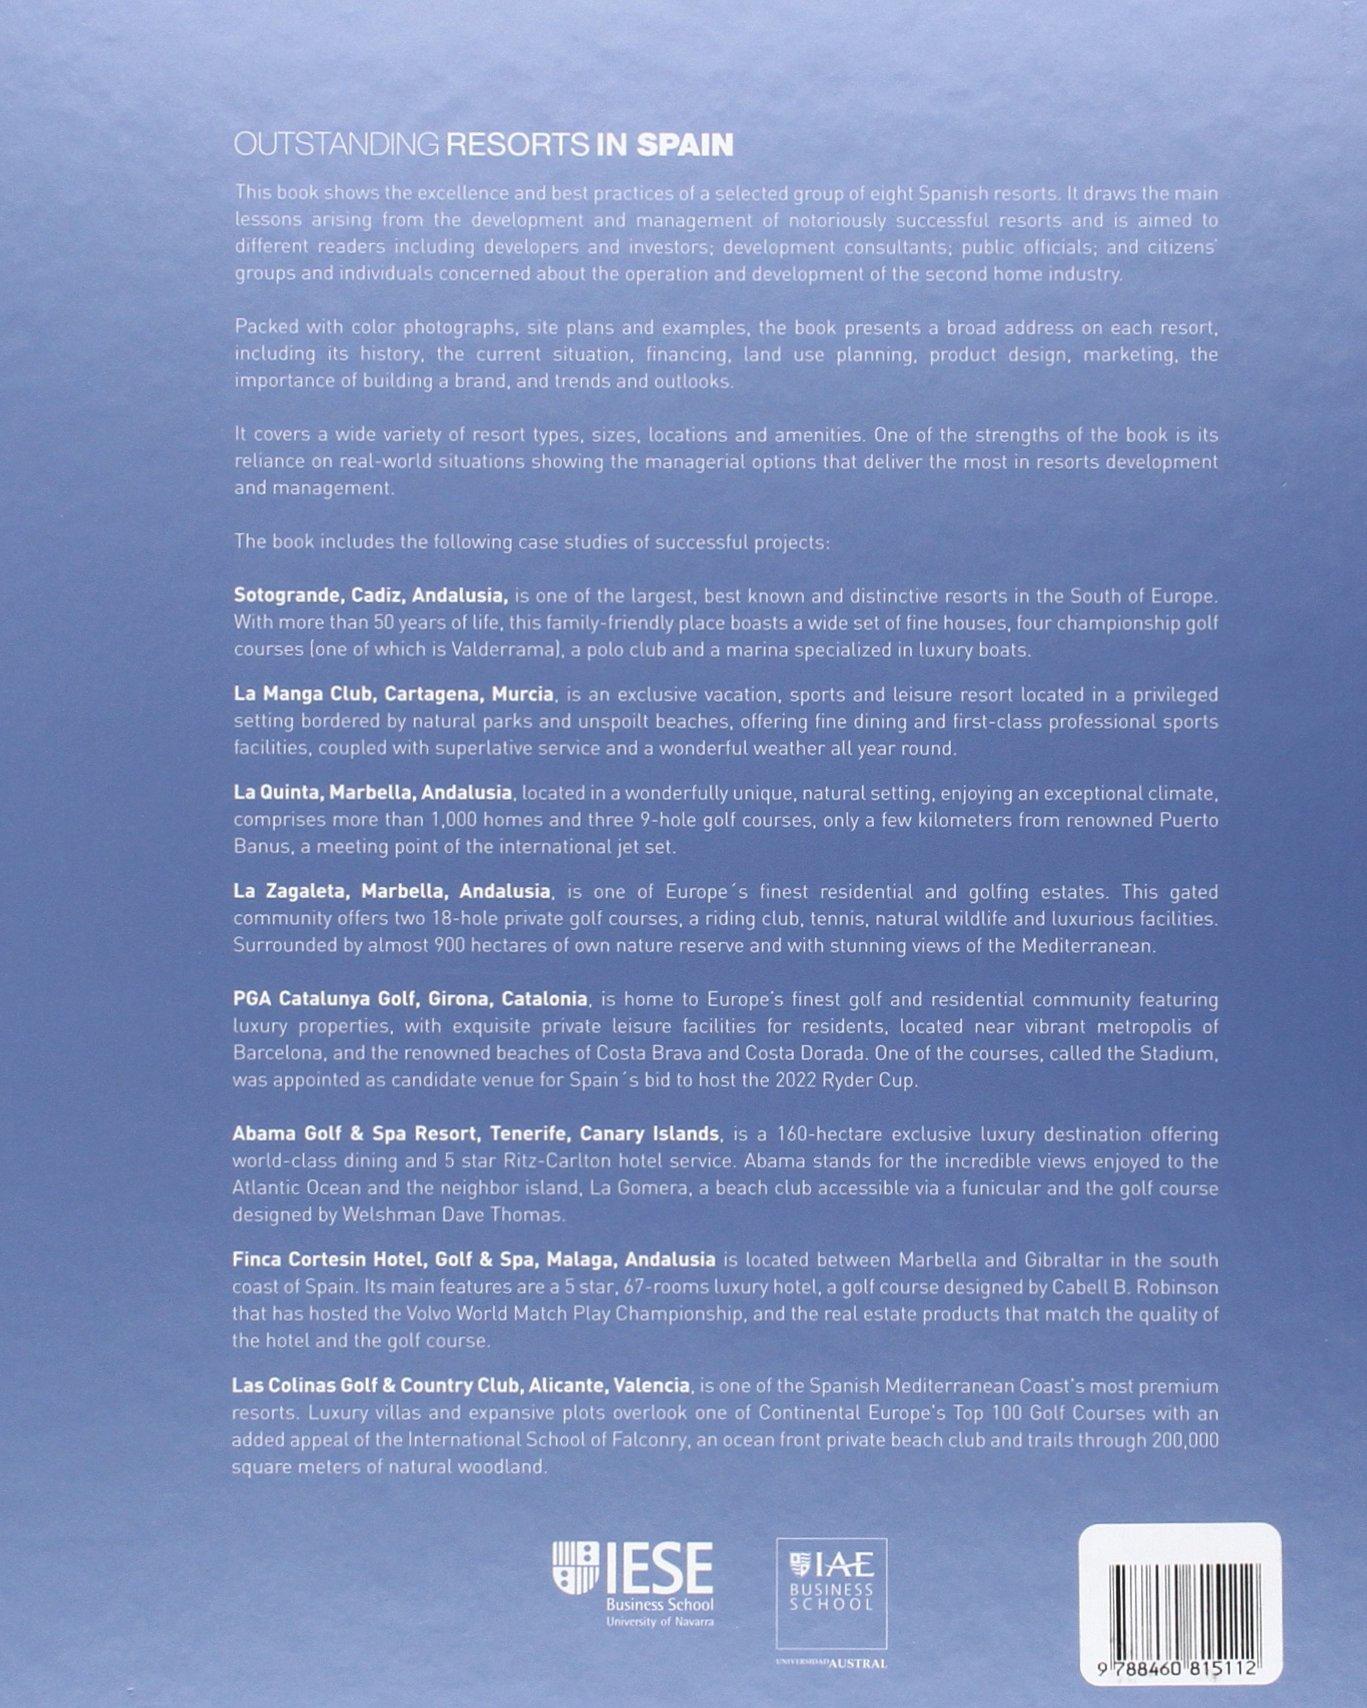 Outstanding Resort in Spain: Amazon.es: José Luis Suárez y Diego Donnelly: Libros en idiomas extranjeros